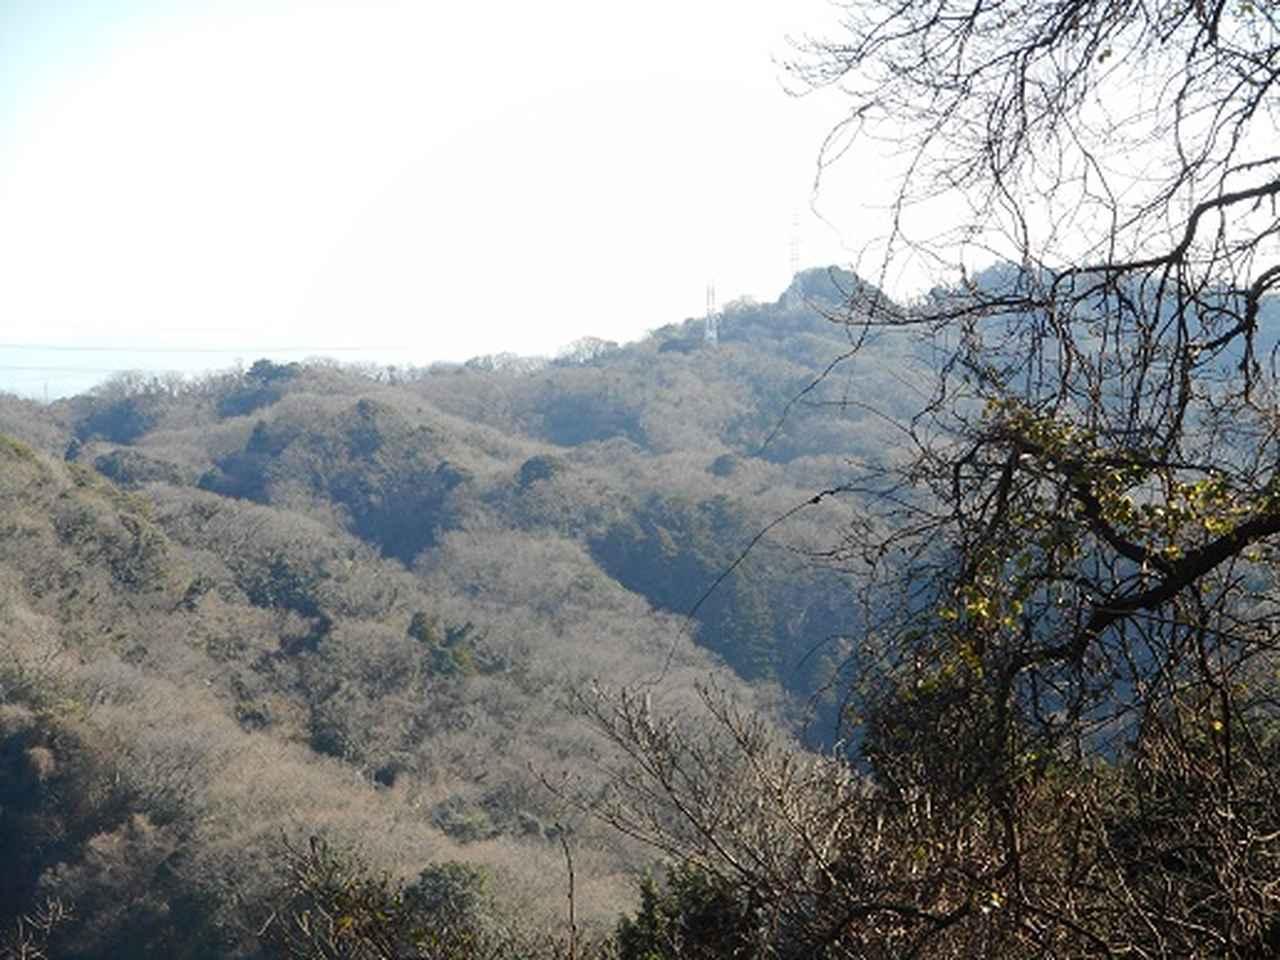 画像10: 【山旅会・登山ガイドこだわりツアー】添乗員からの便り・阿部倉山から二子山ツアーの下見にいってまいりました!